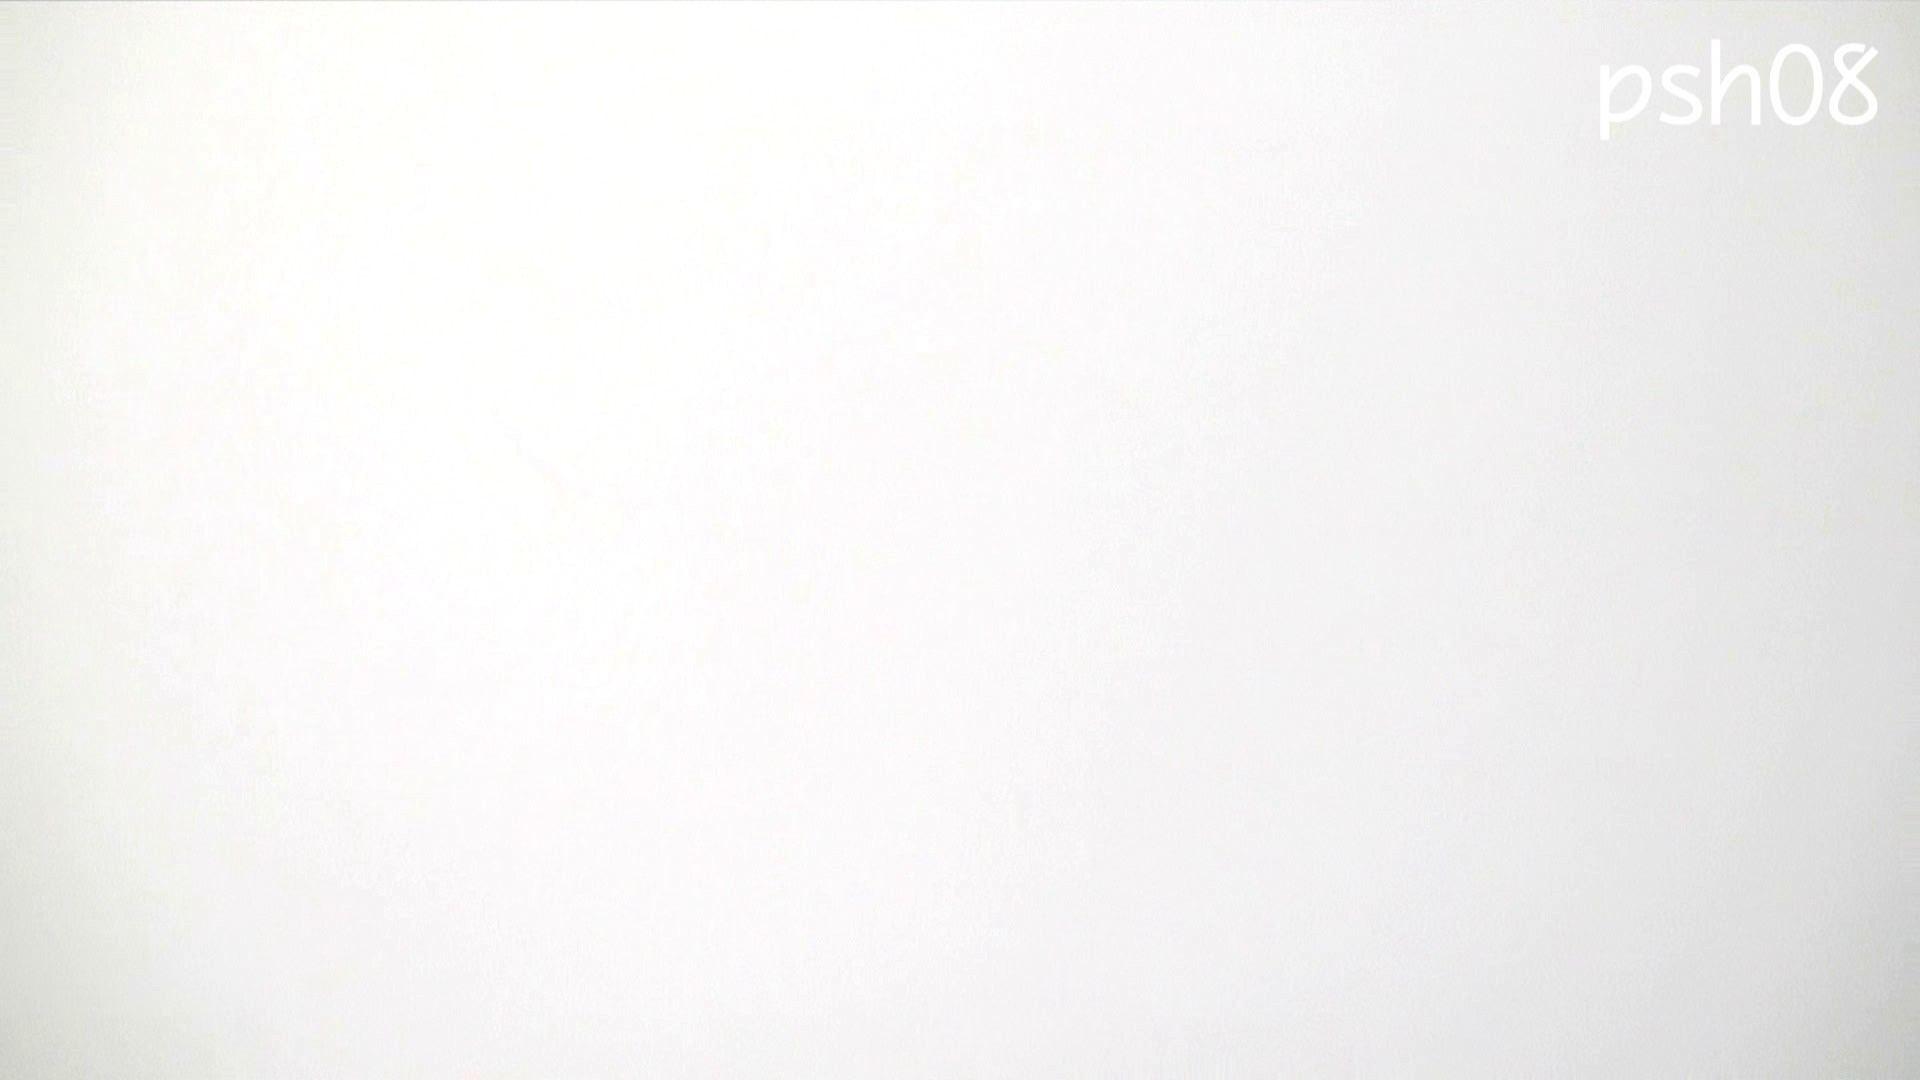 ▲復活限定▲ハイビジョン 盗神伝 Vol.8 洗面所  74PIX 24